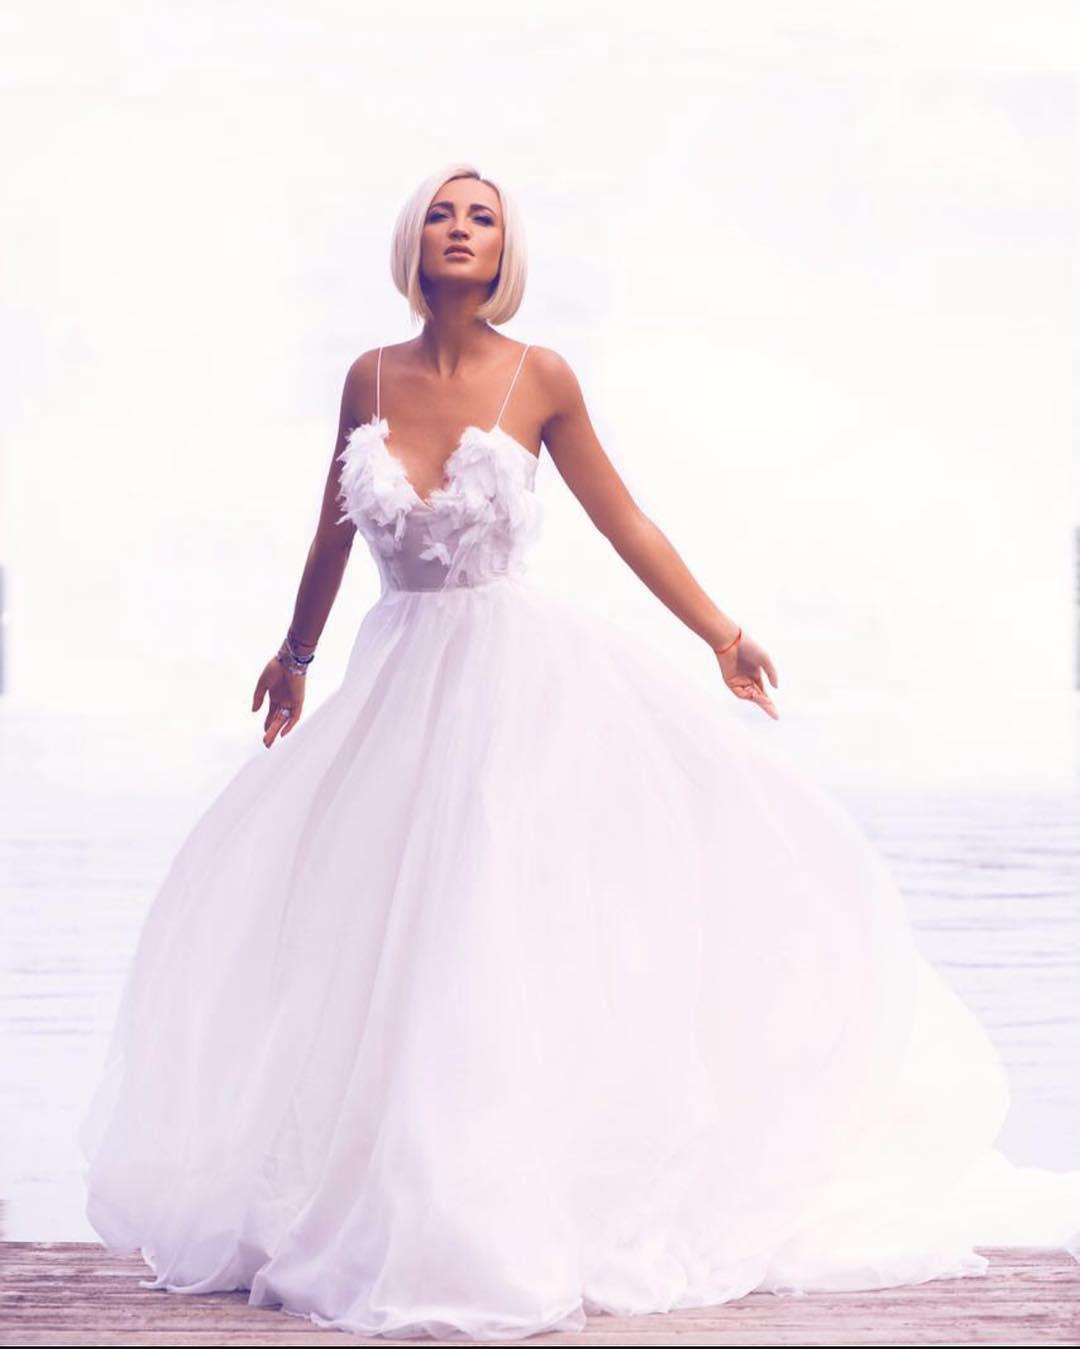 Анна Бузова примерила свадебное платье